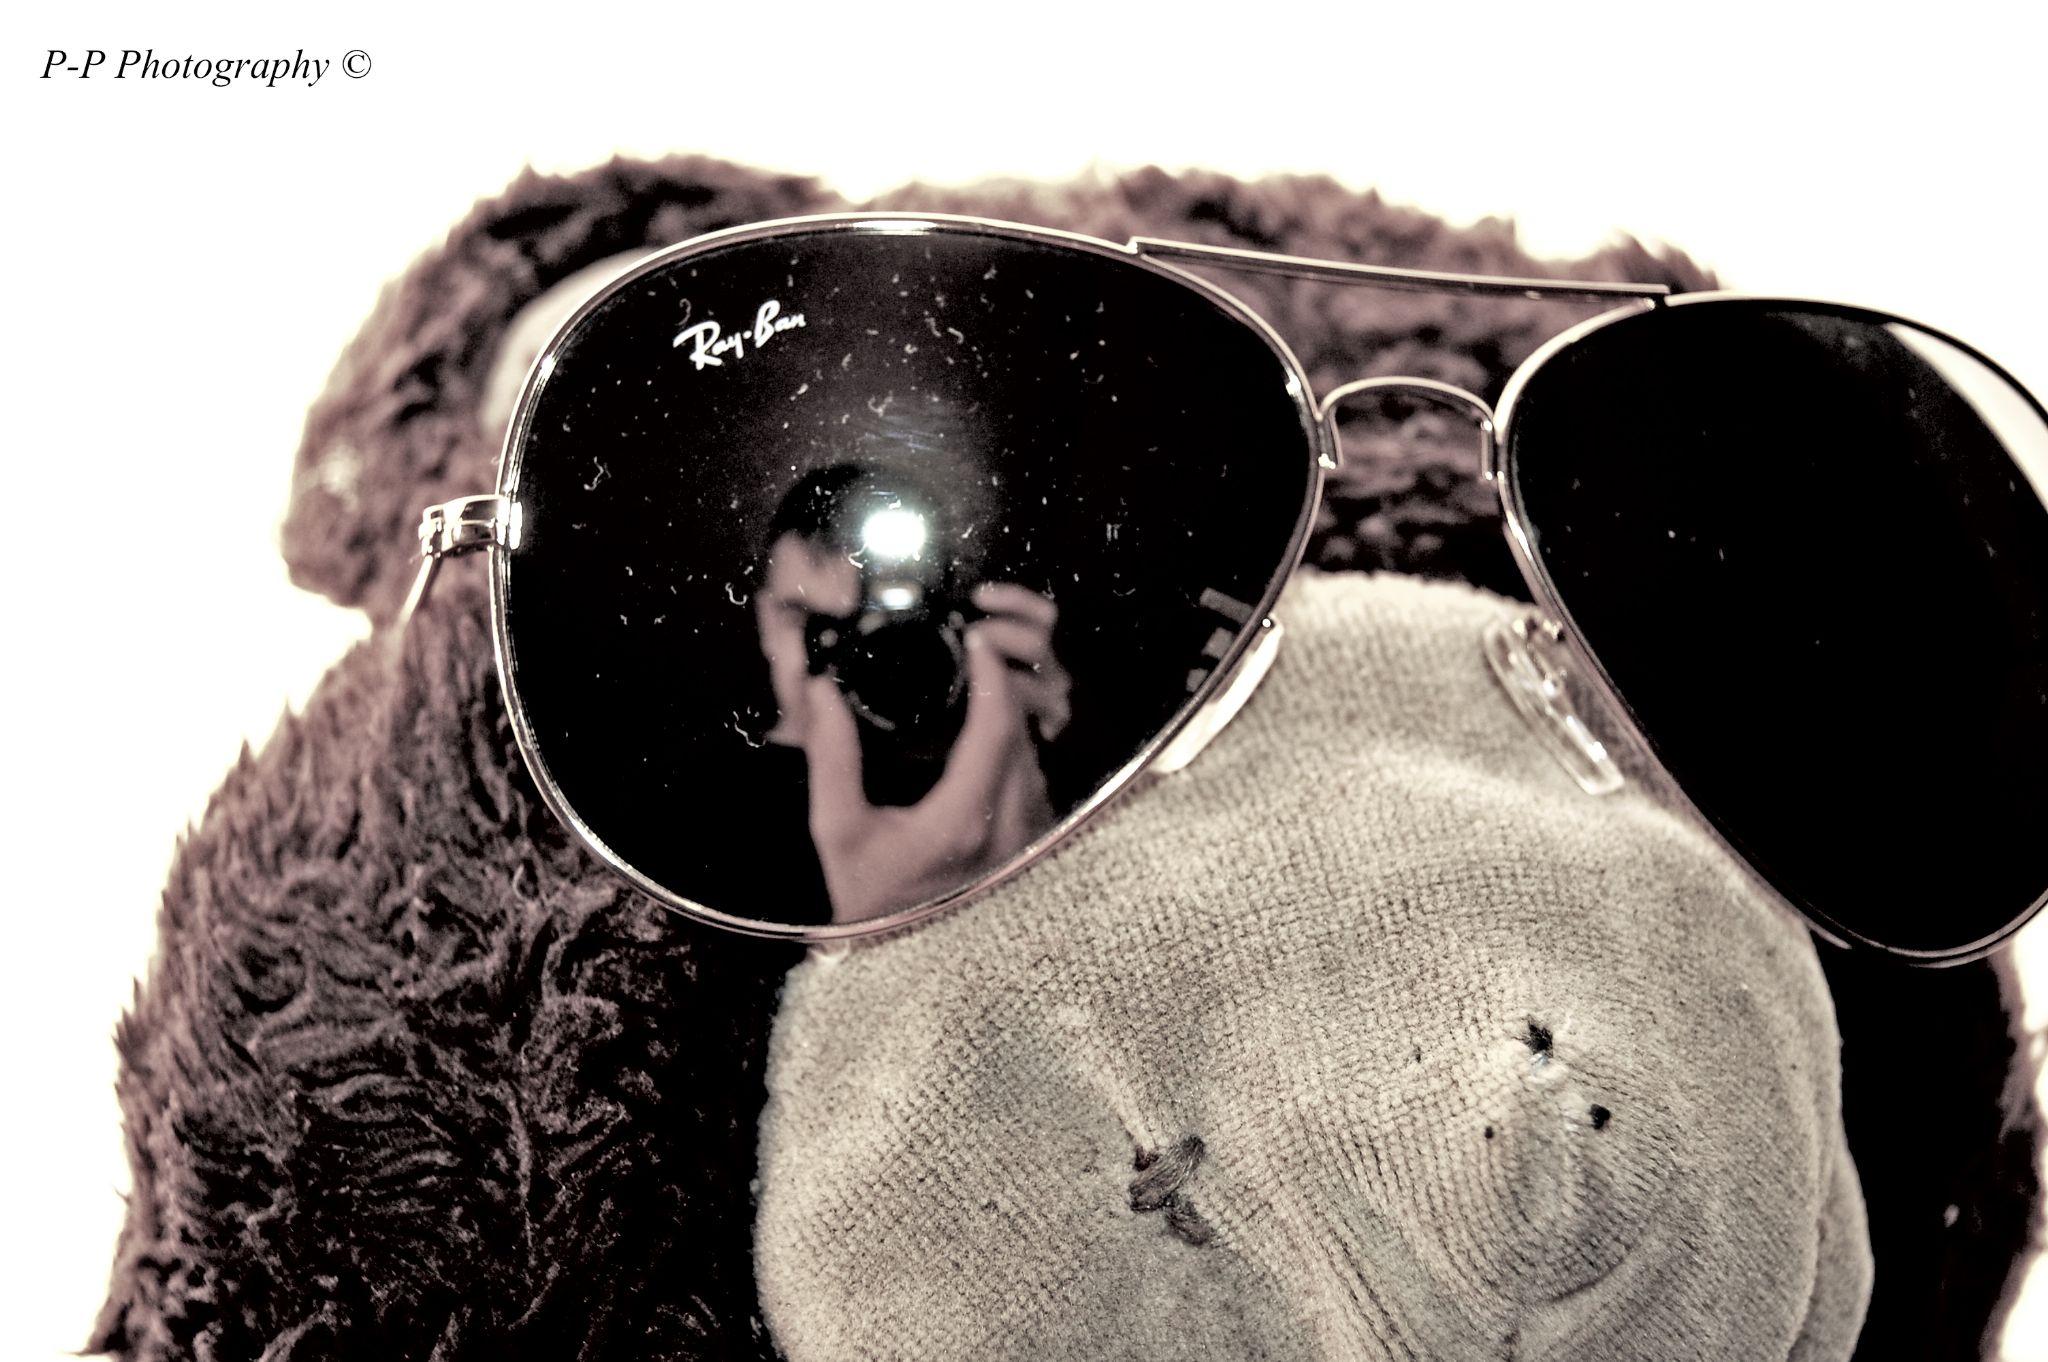 Sunglass Selfie by Michael Parmenter-Pluck